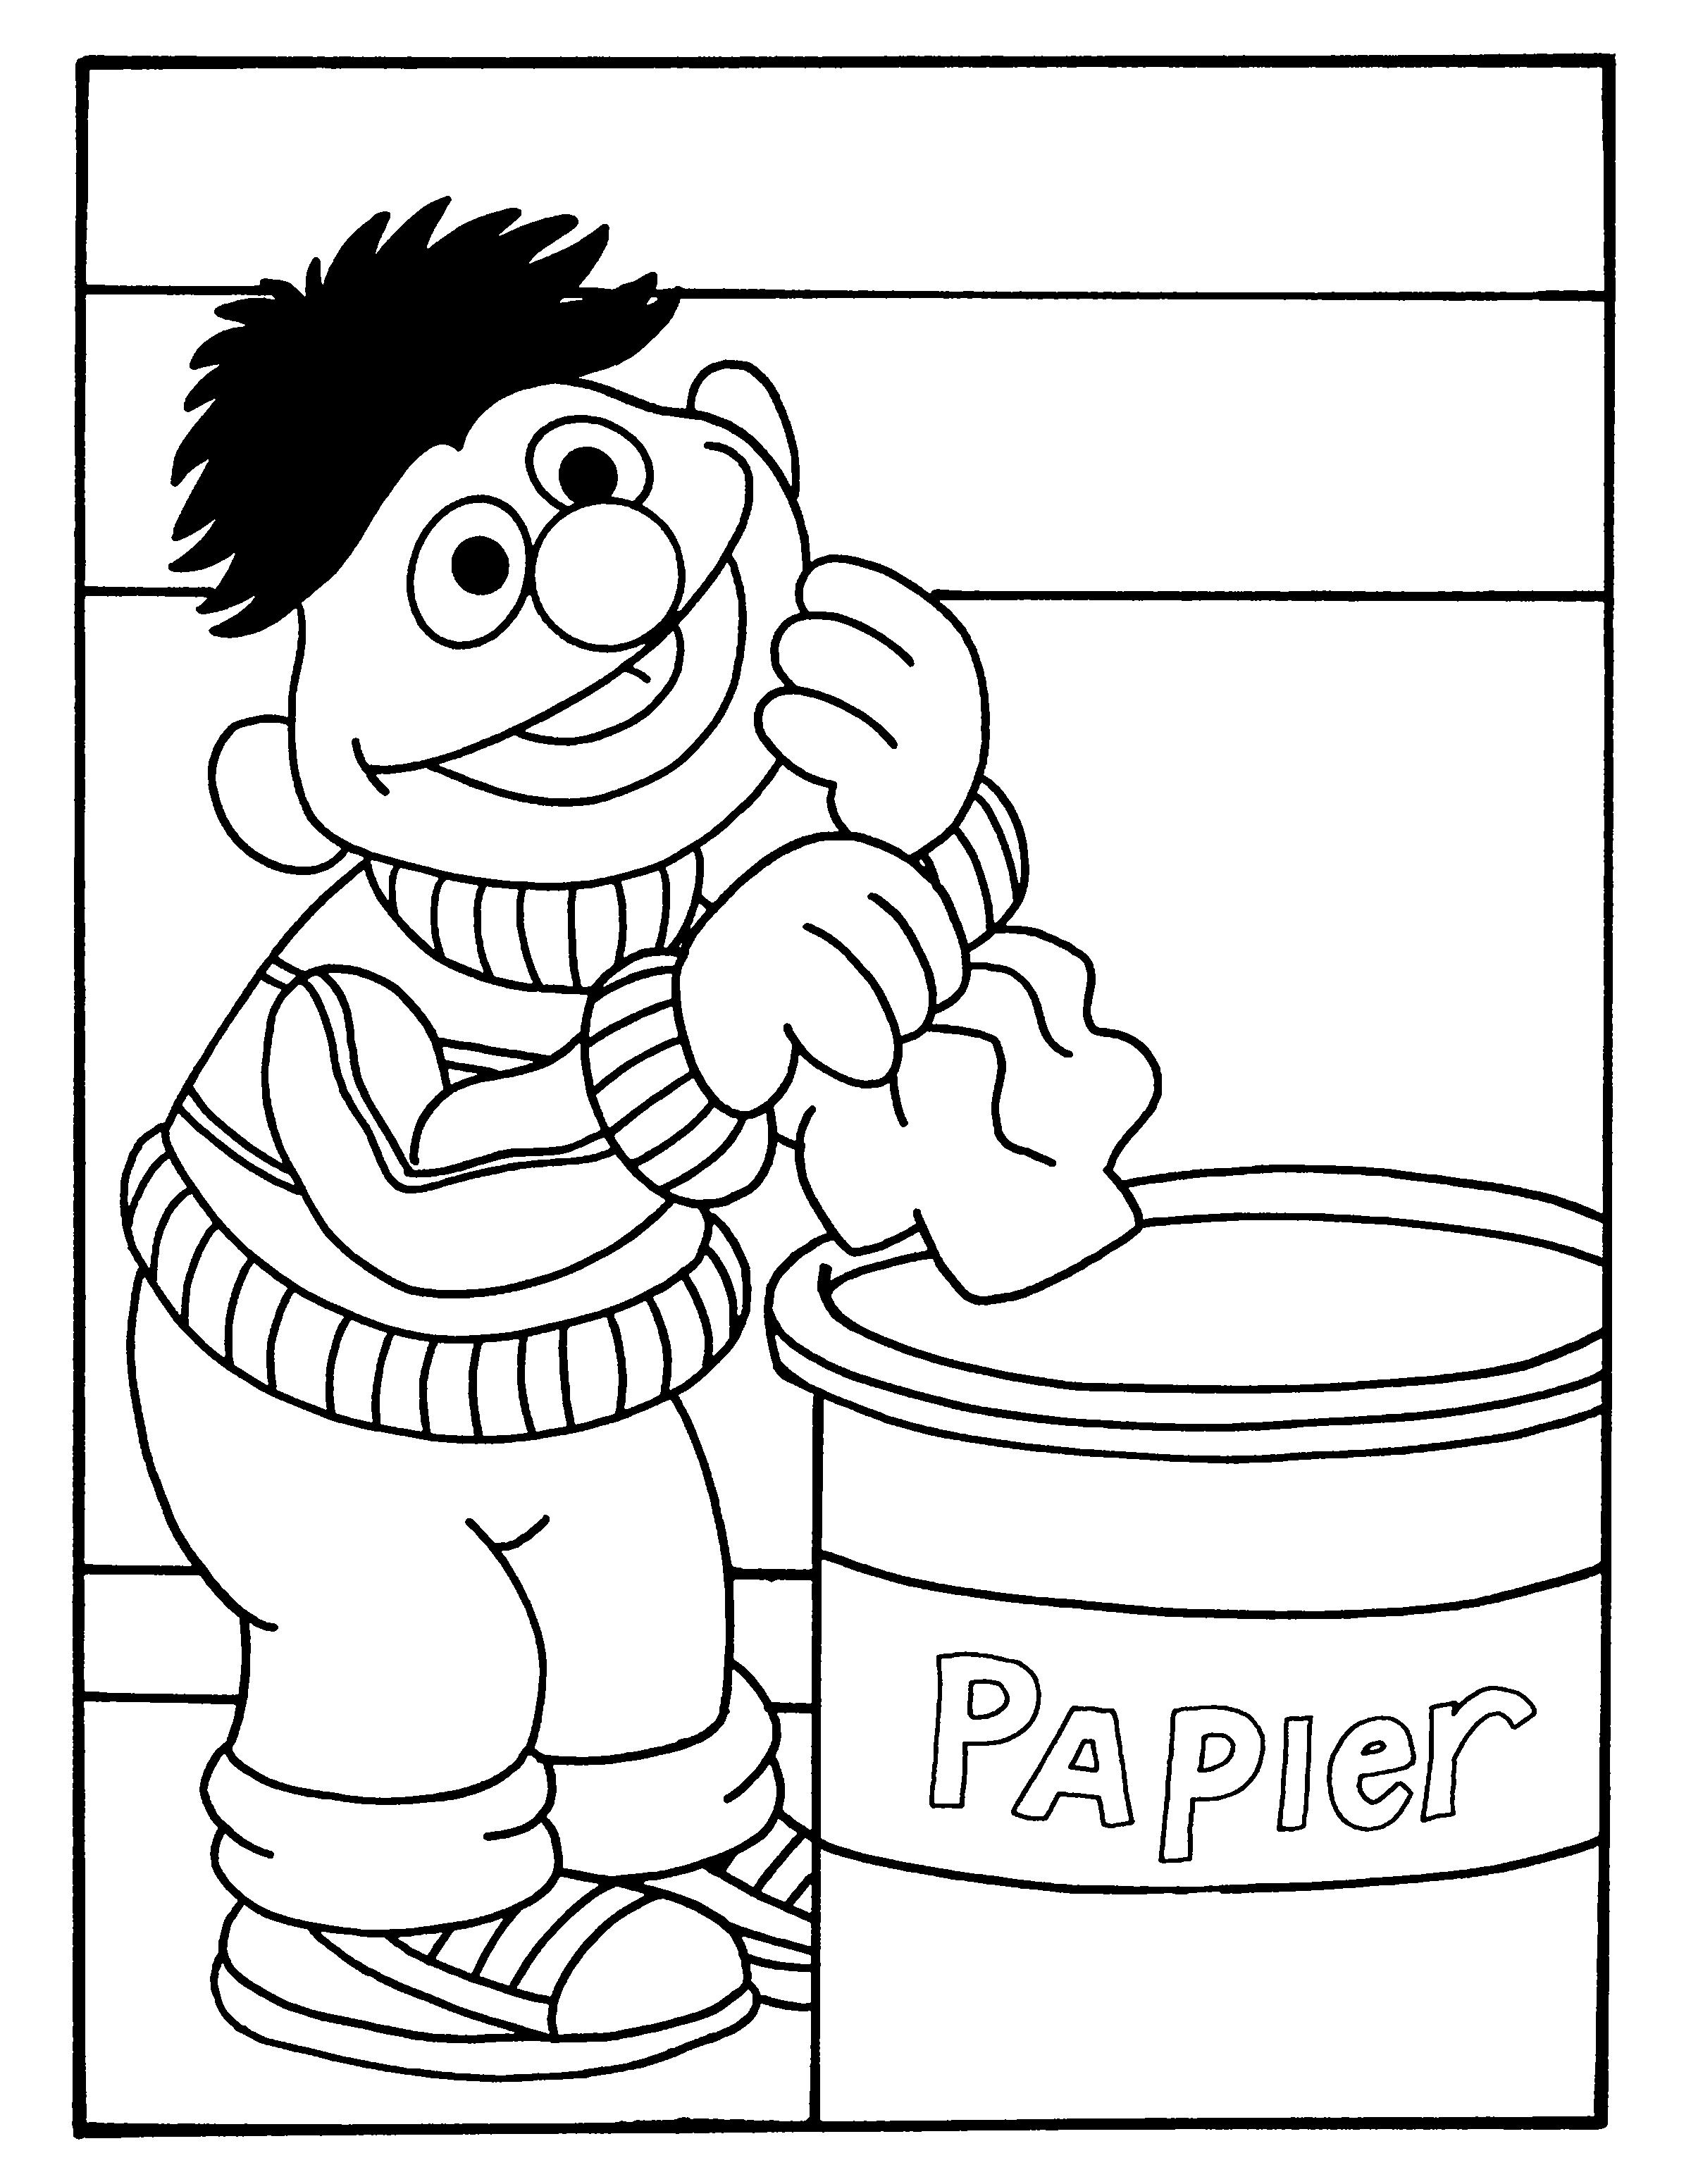 Kleurplaten Bert En Ernie Gratis Kleurplaten Van Bert En Ernie Kleurplaten Gratis Kleurplaten Kleurplaten Voor Kinderen